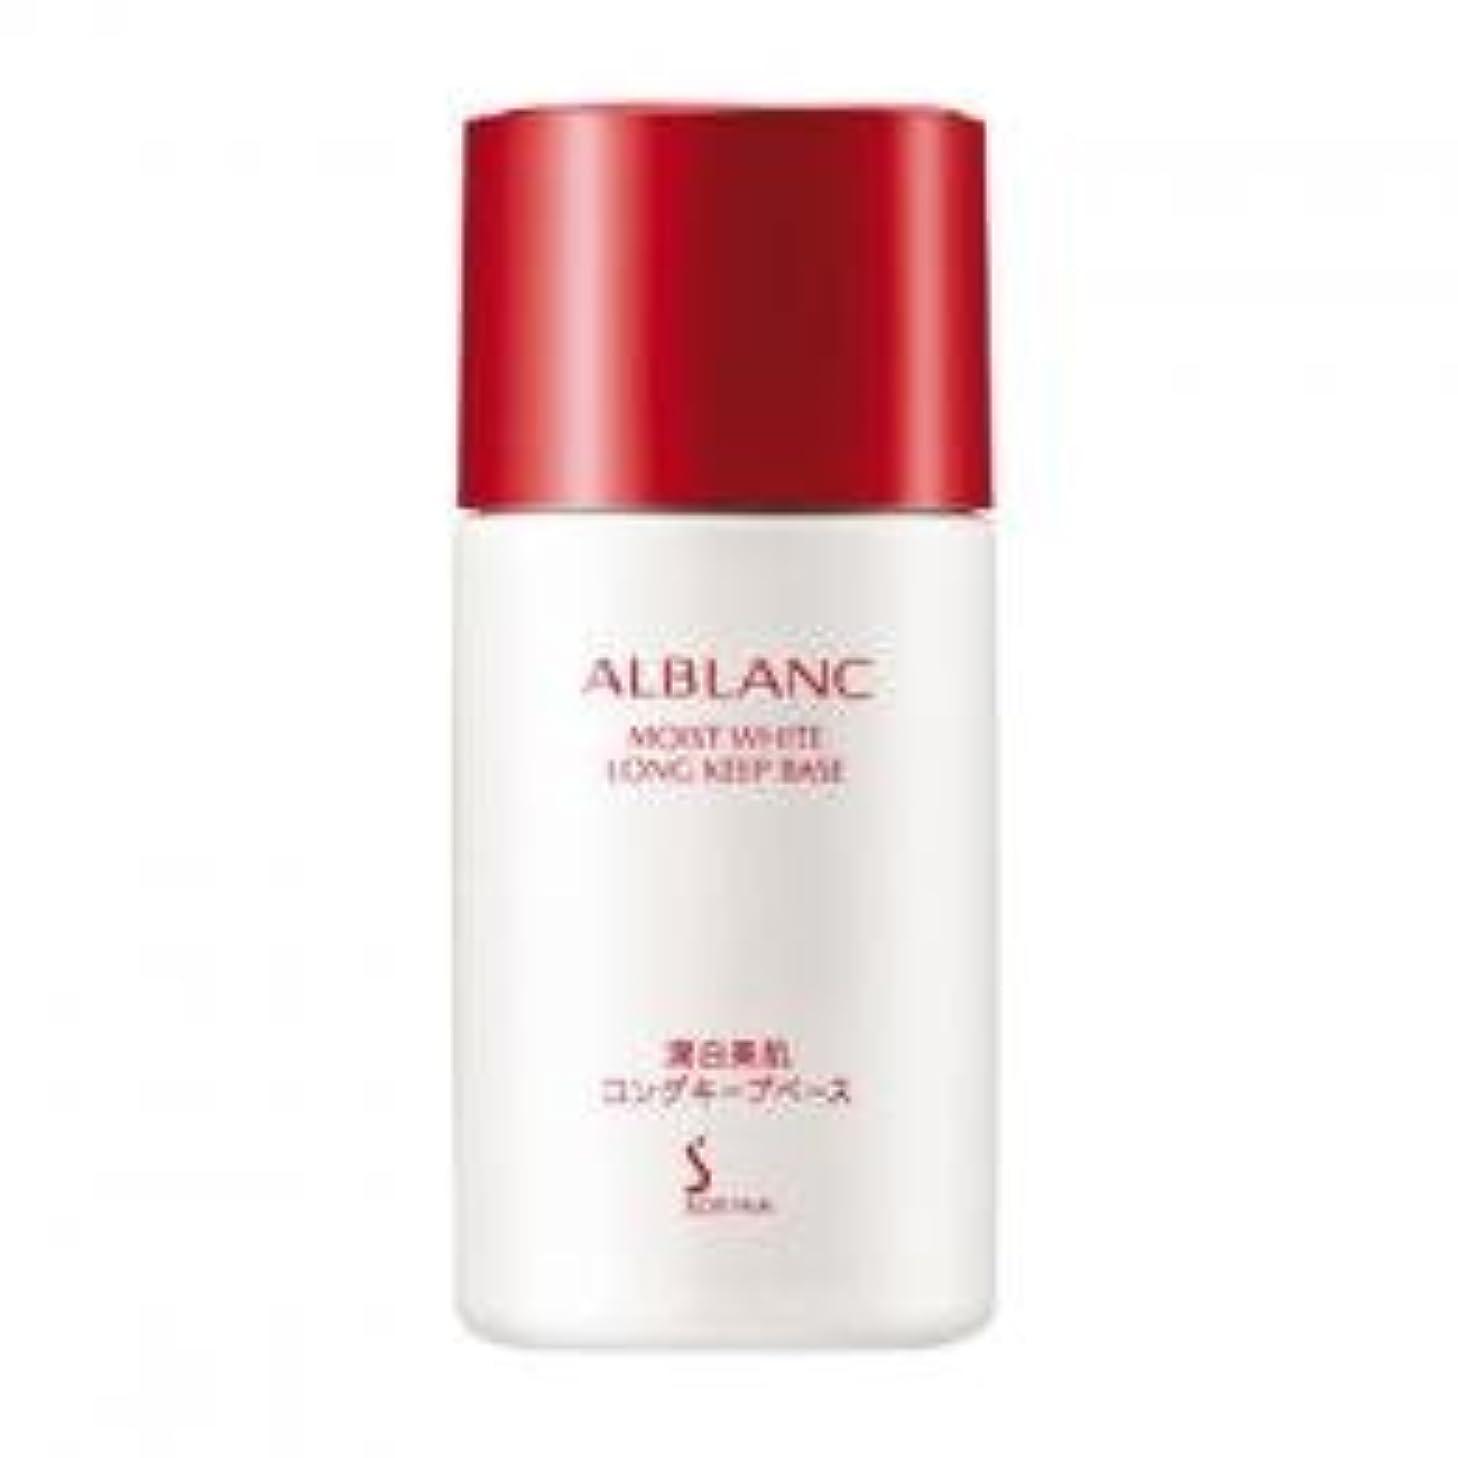 まもなくスカウト省略するアルブラン 潤白美肌 ロングキープベース 25ml